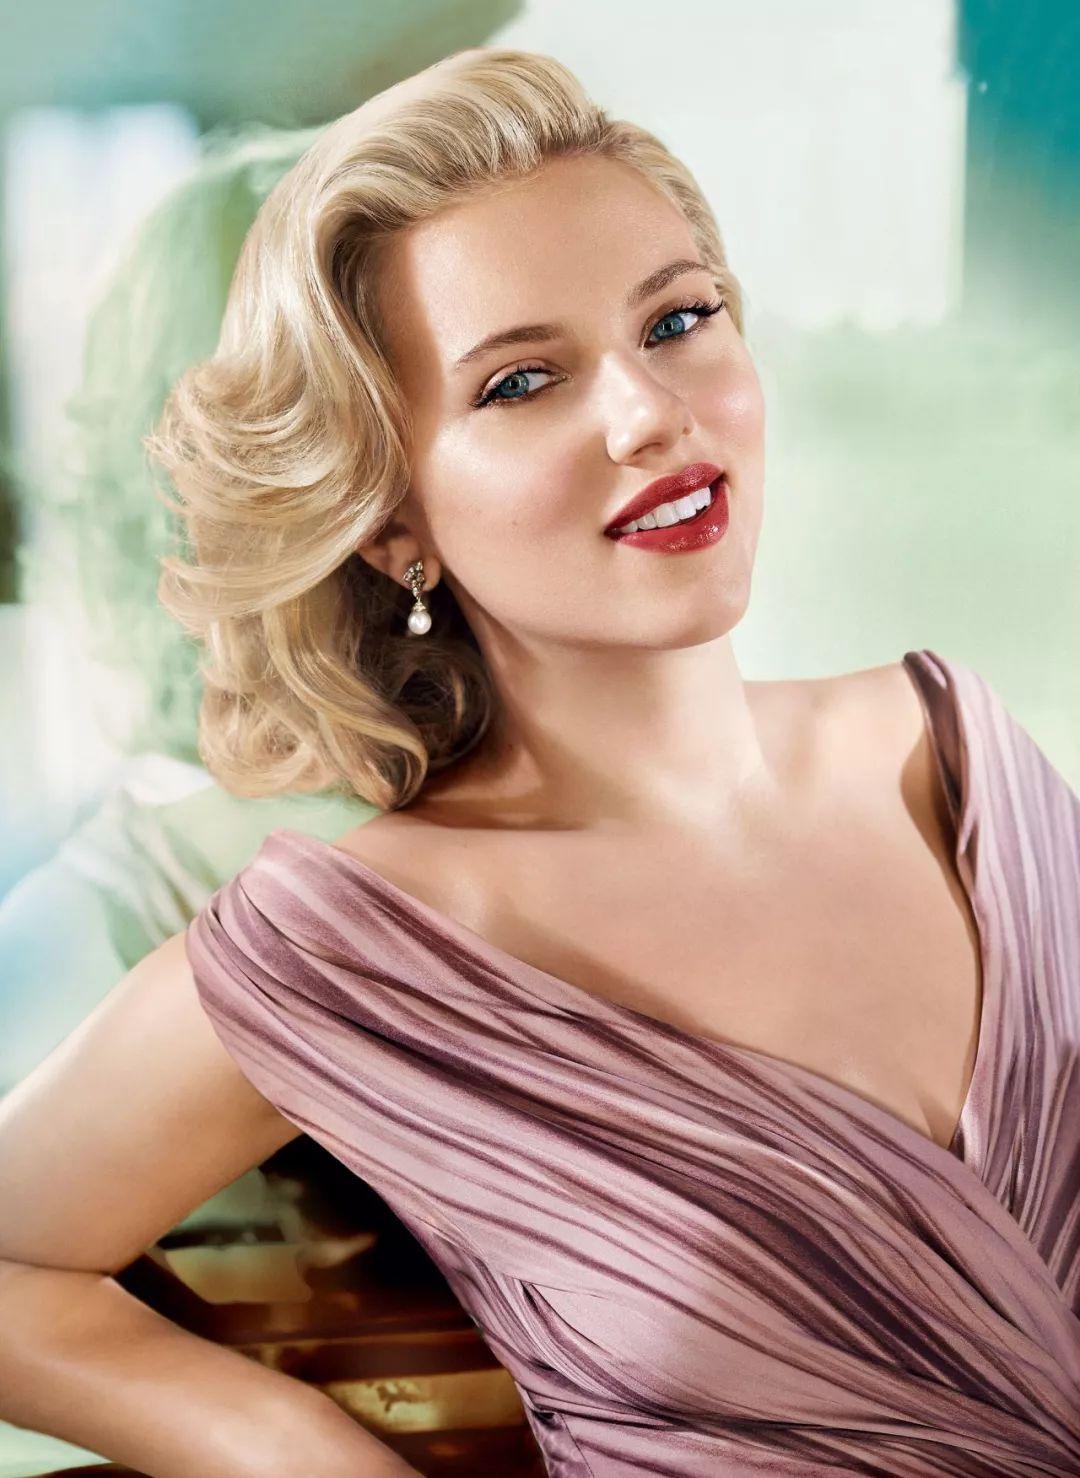 片酬2亿出演《黑寡妇》,Scarlett 的短发到底有多值钱